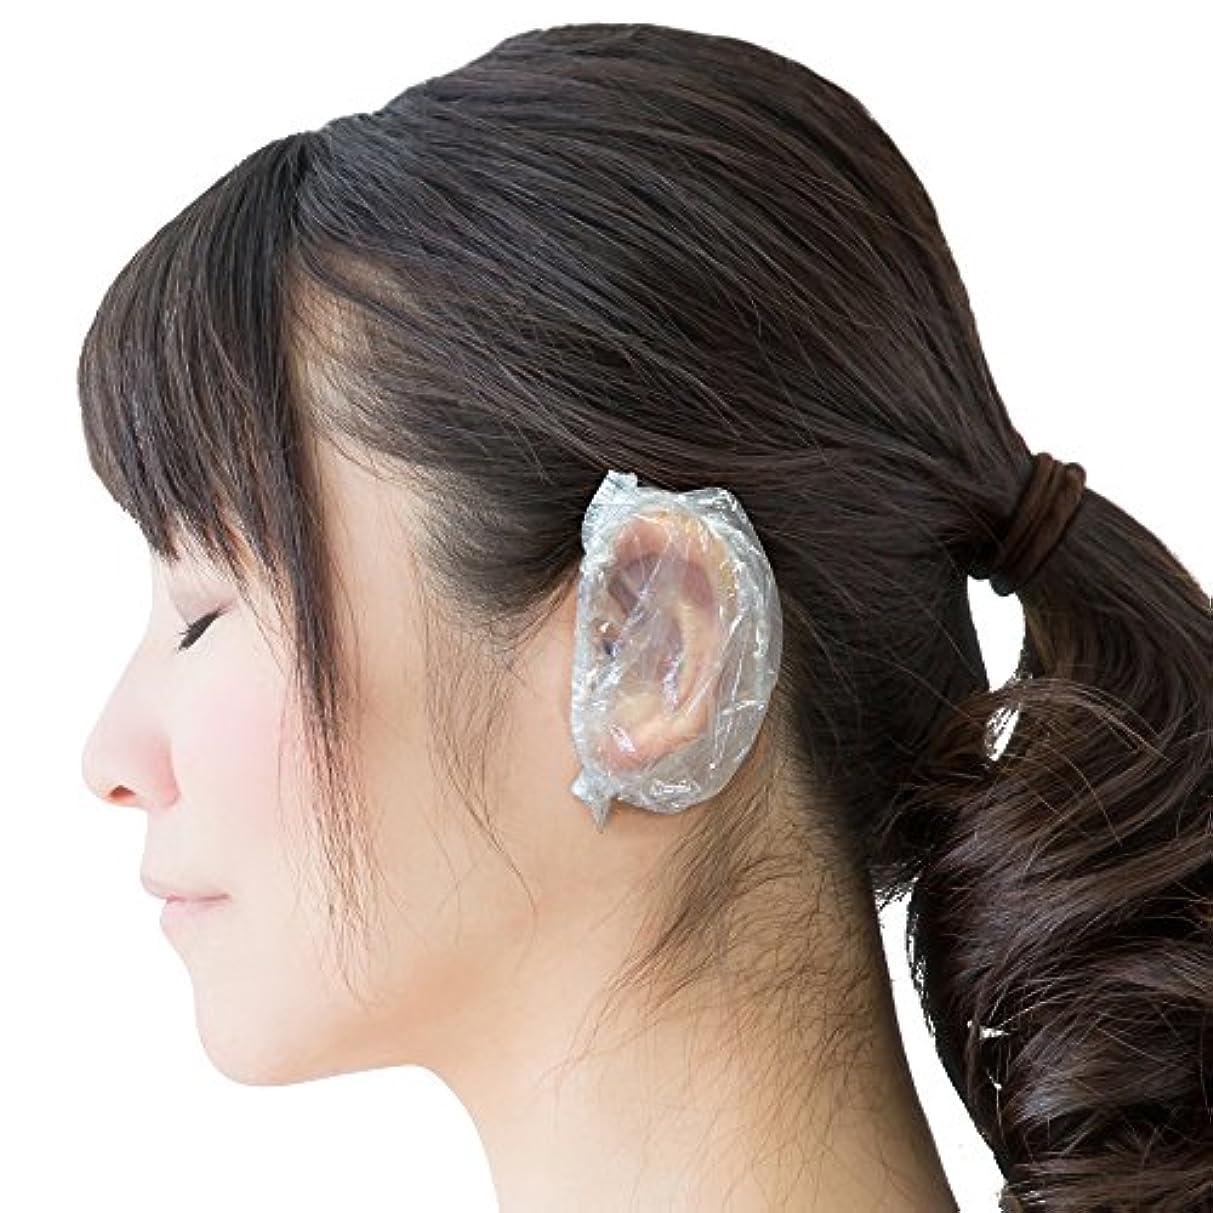 あそこヘルメット救急車【Fiveten】 耳キャップ イヤーキャップ 耳カバー 毛染め 使い捨て 100個